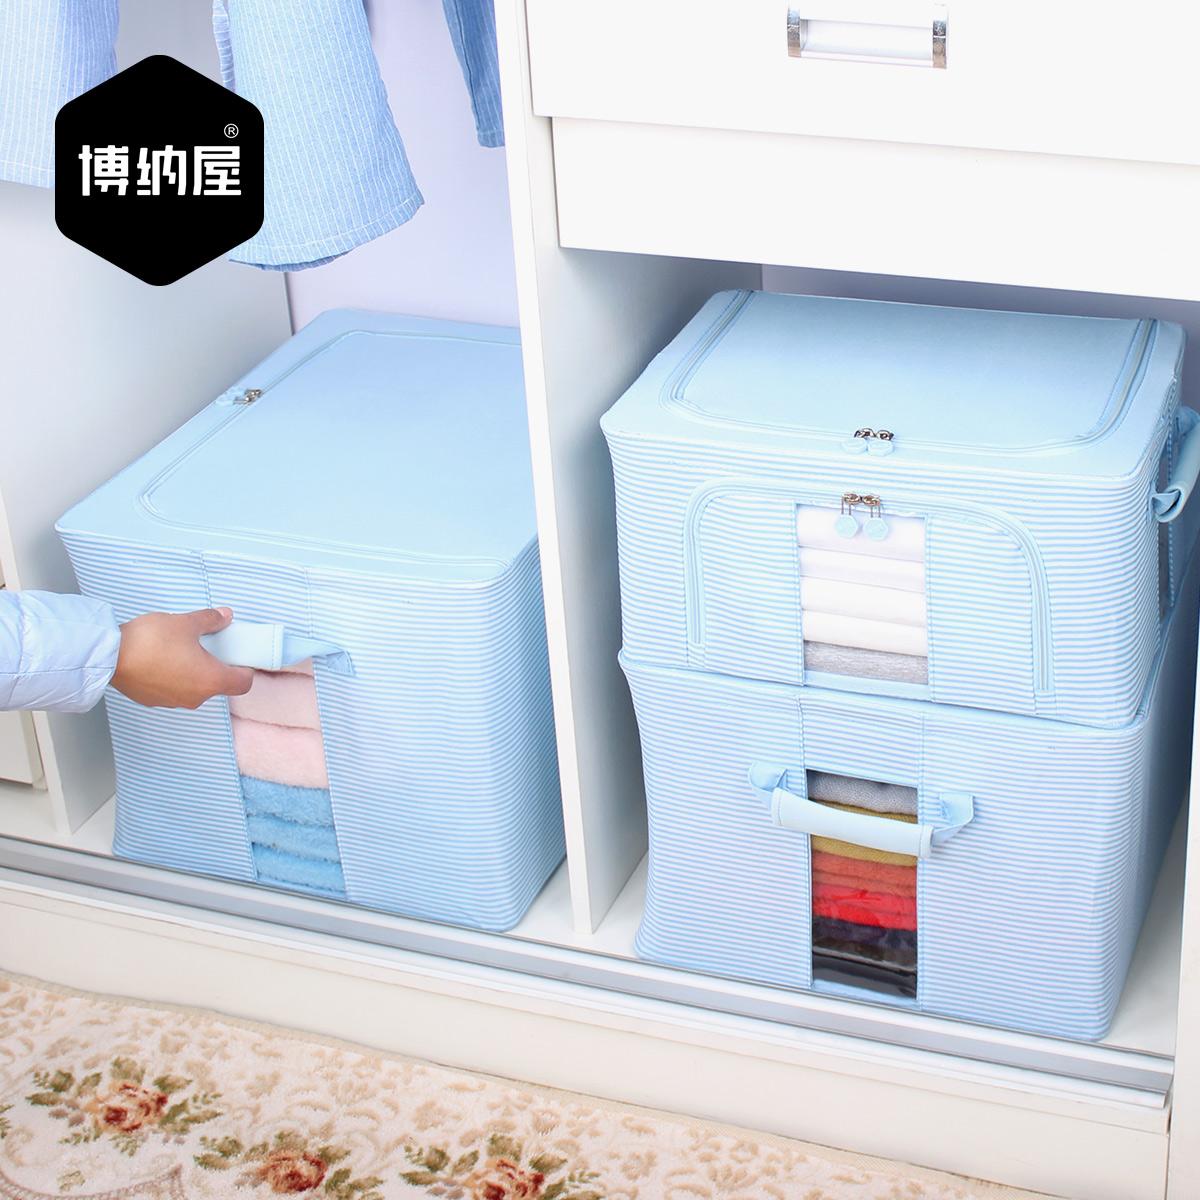 博纳屋可拆洗无异味牛津布钢架玩具收纳箱衣服收纳盒棉被收纳箱